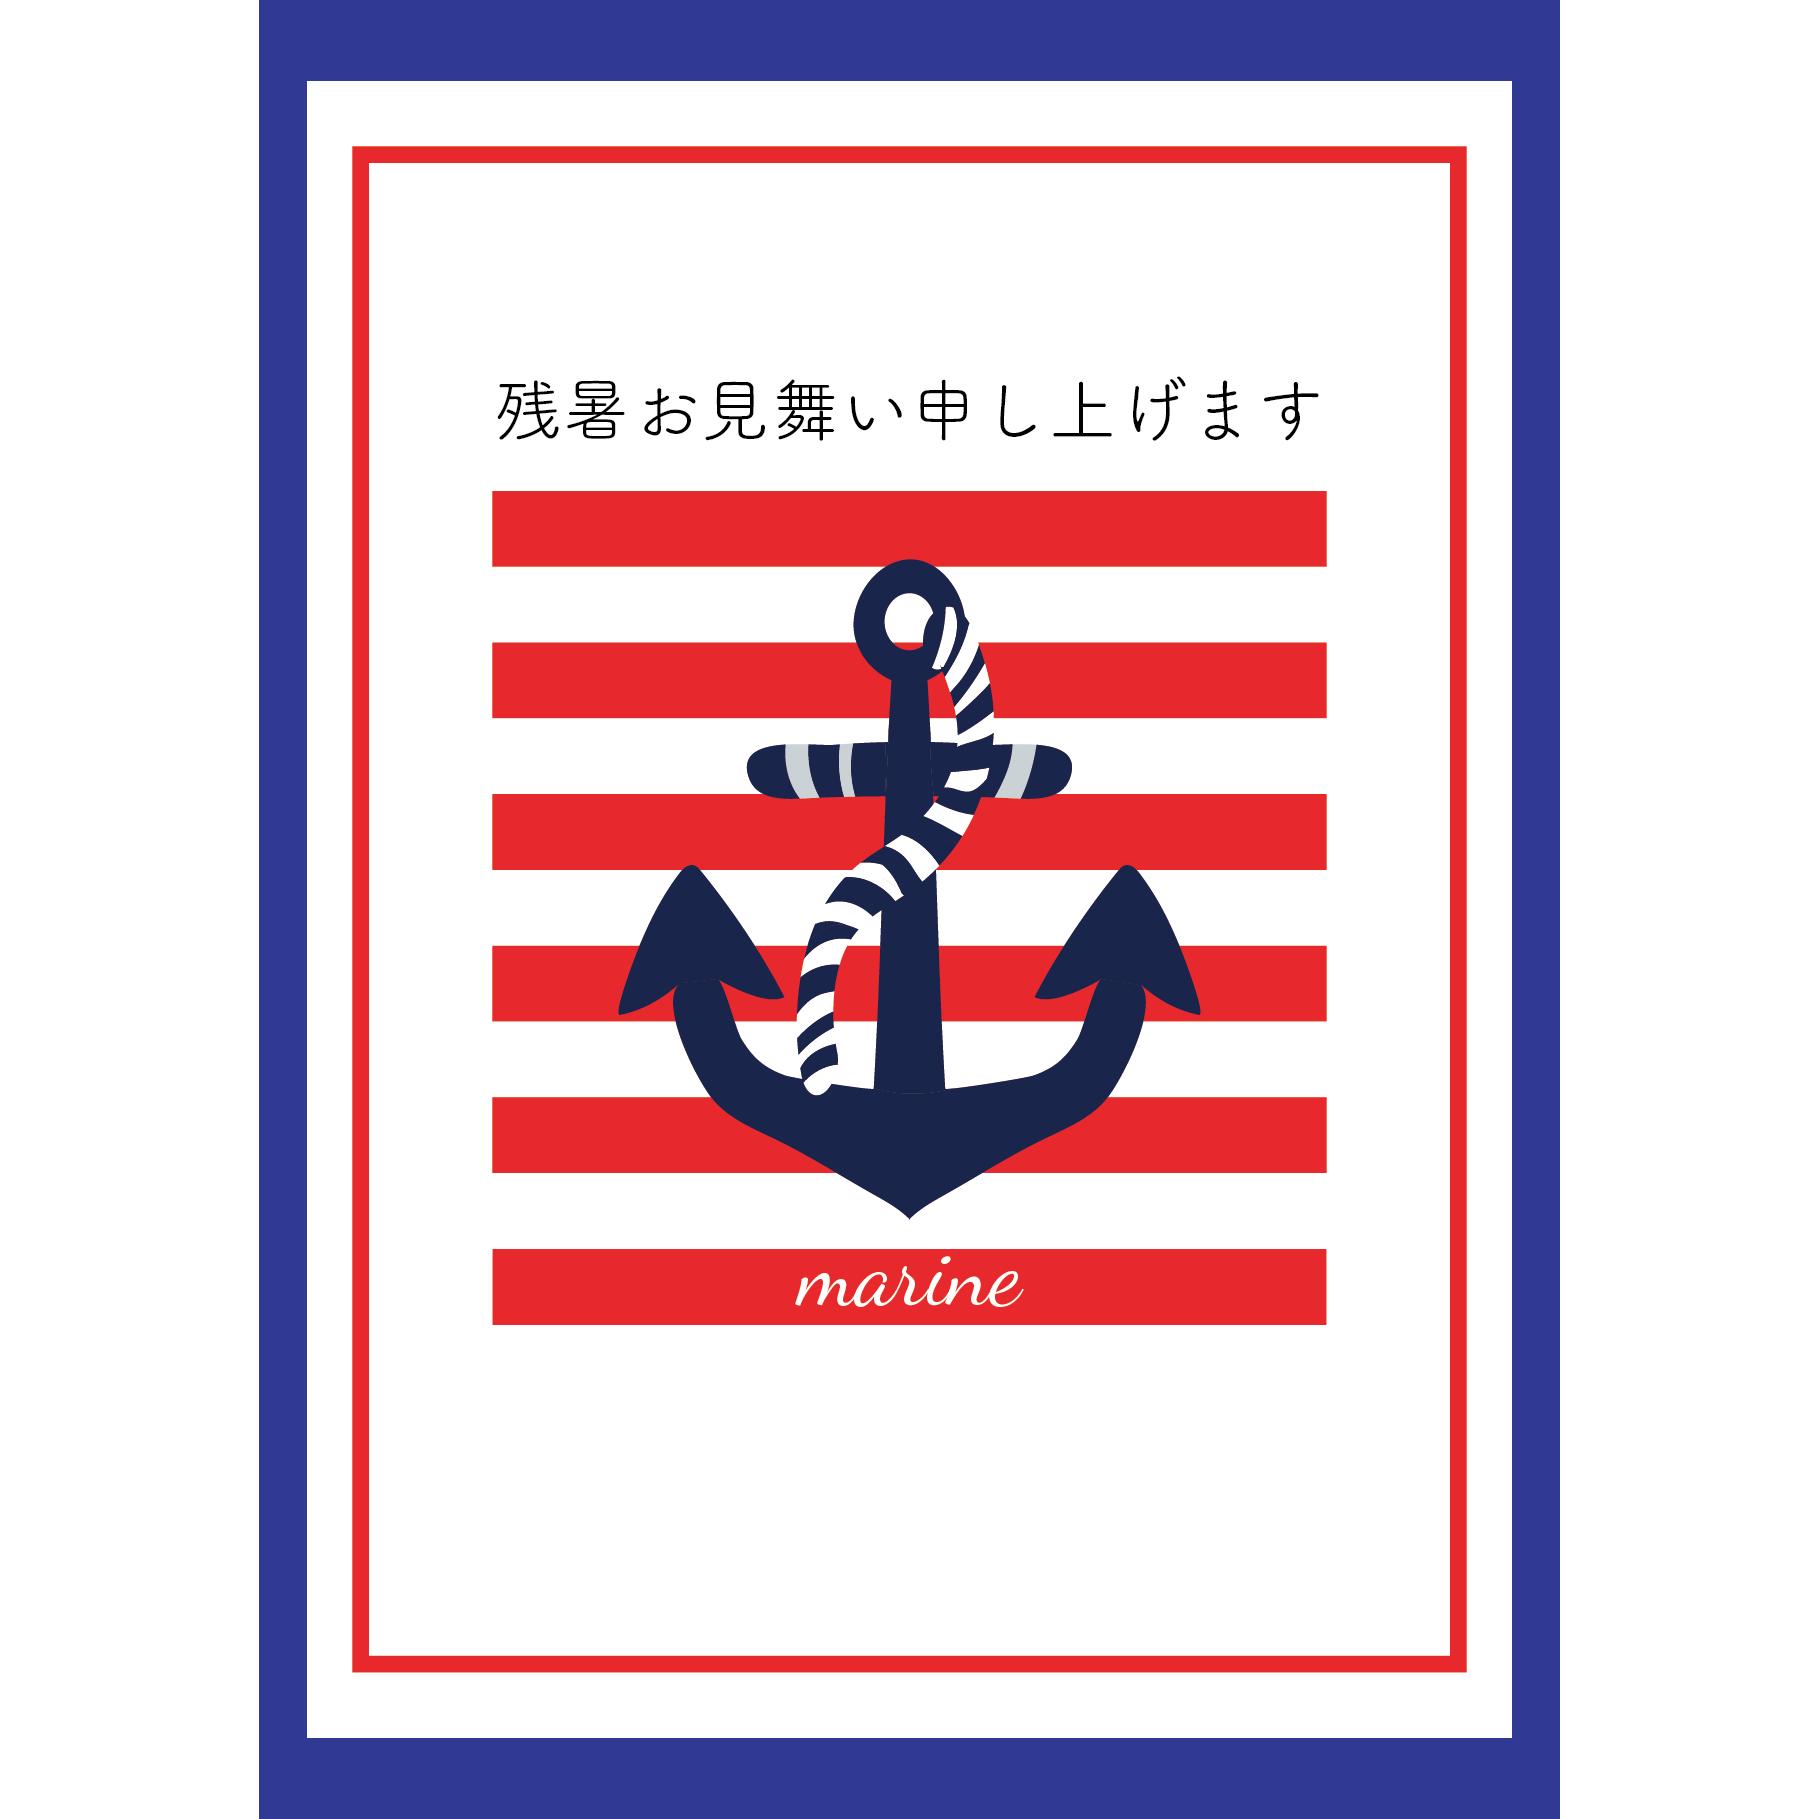 【残暑見舞い・縦】かわいいマリン風デザイン(赤) イラスト